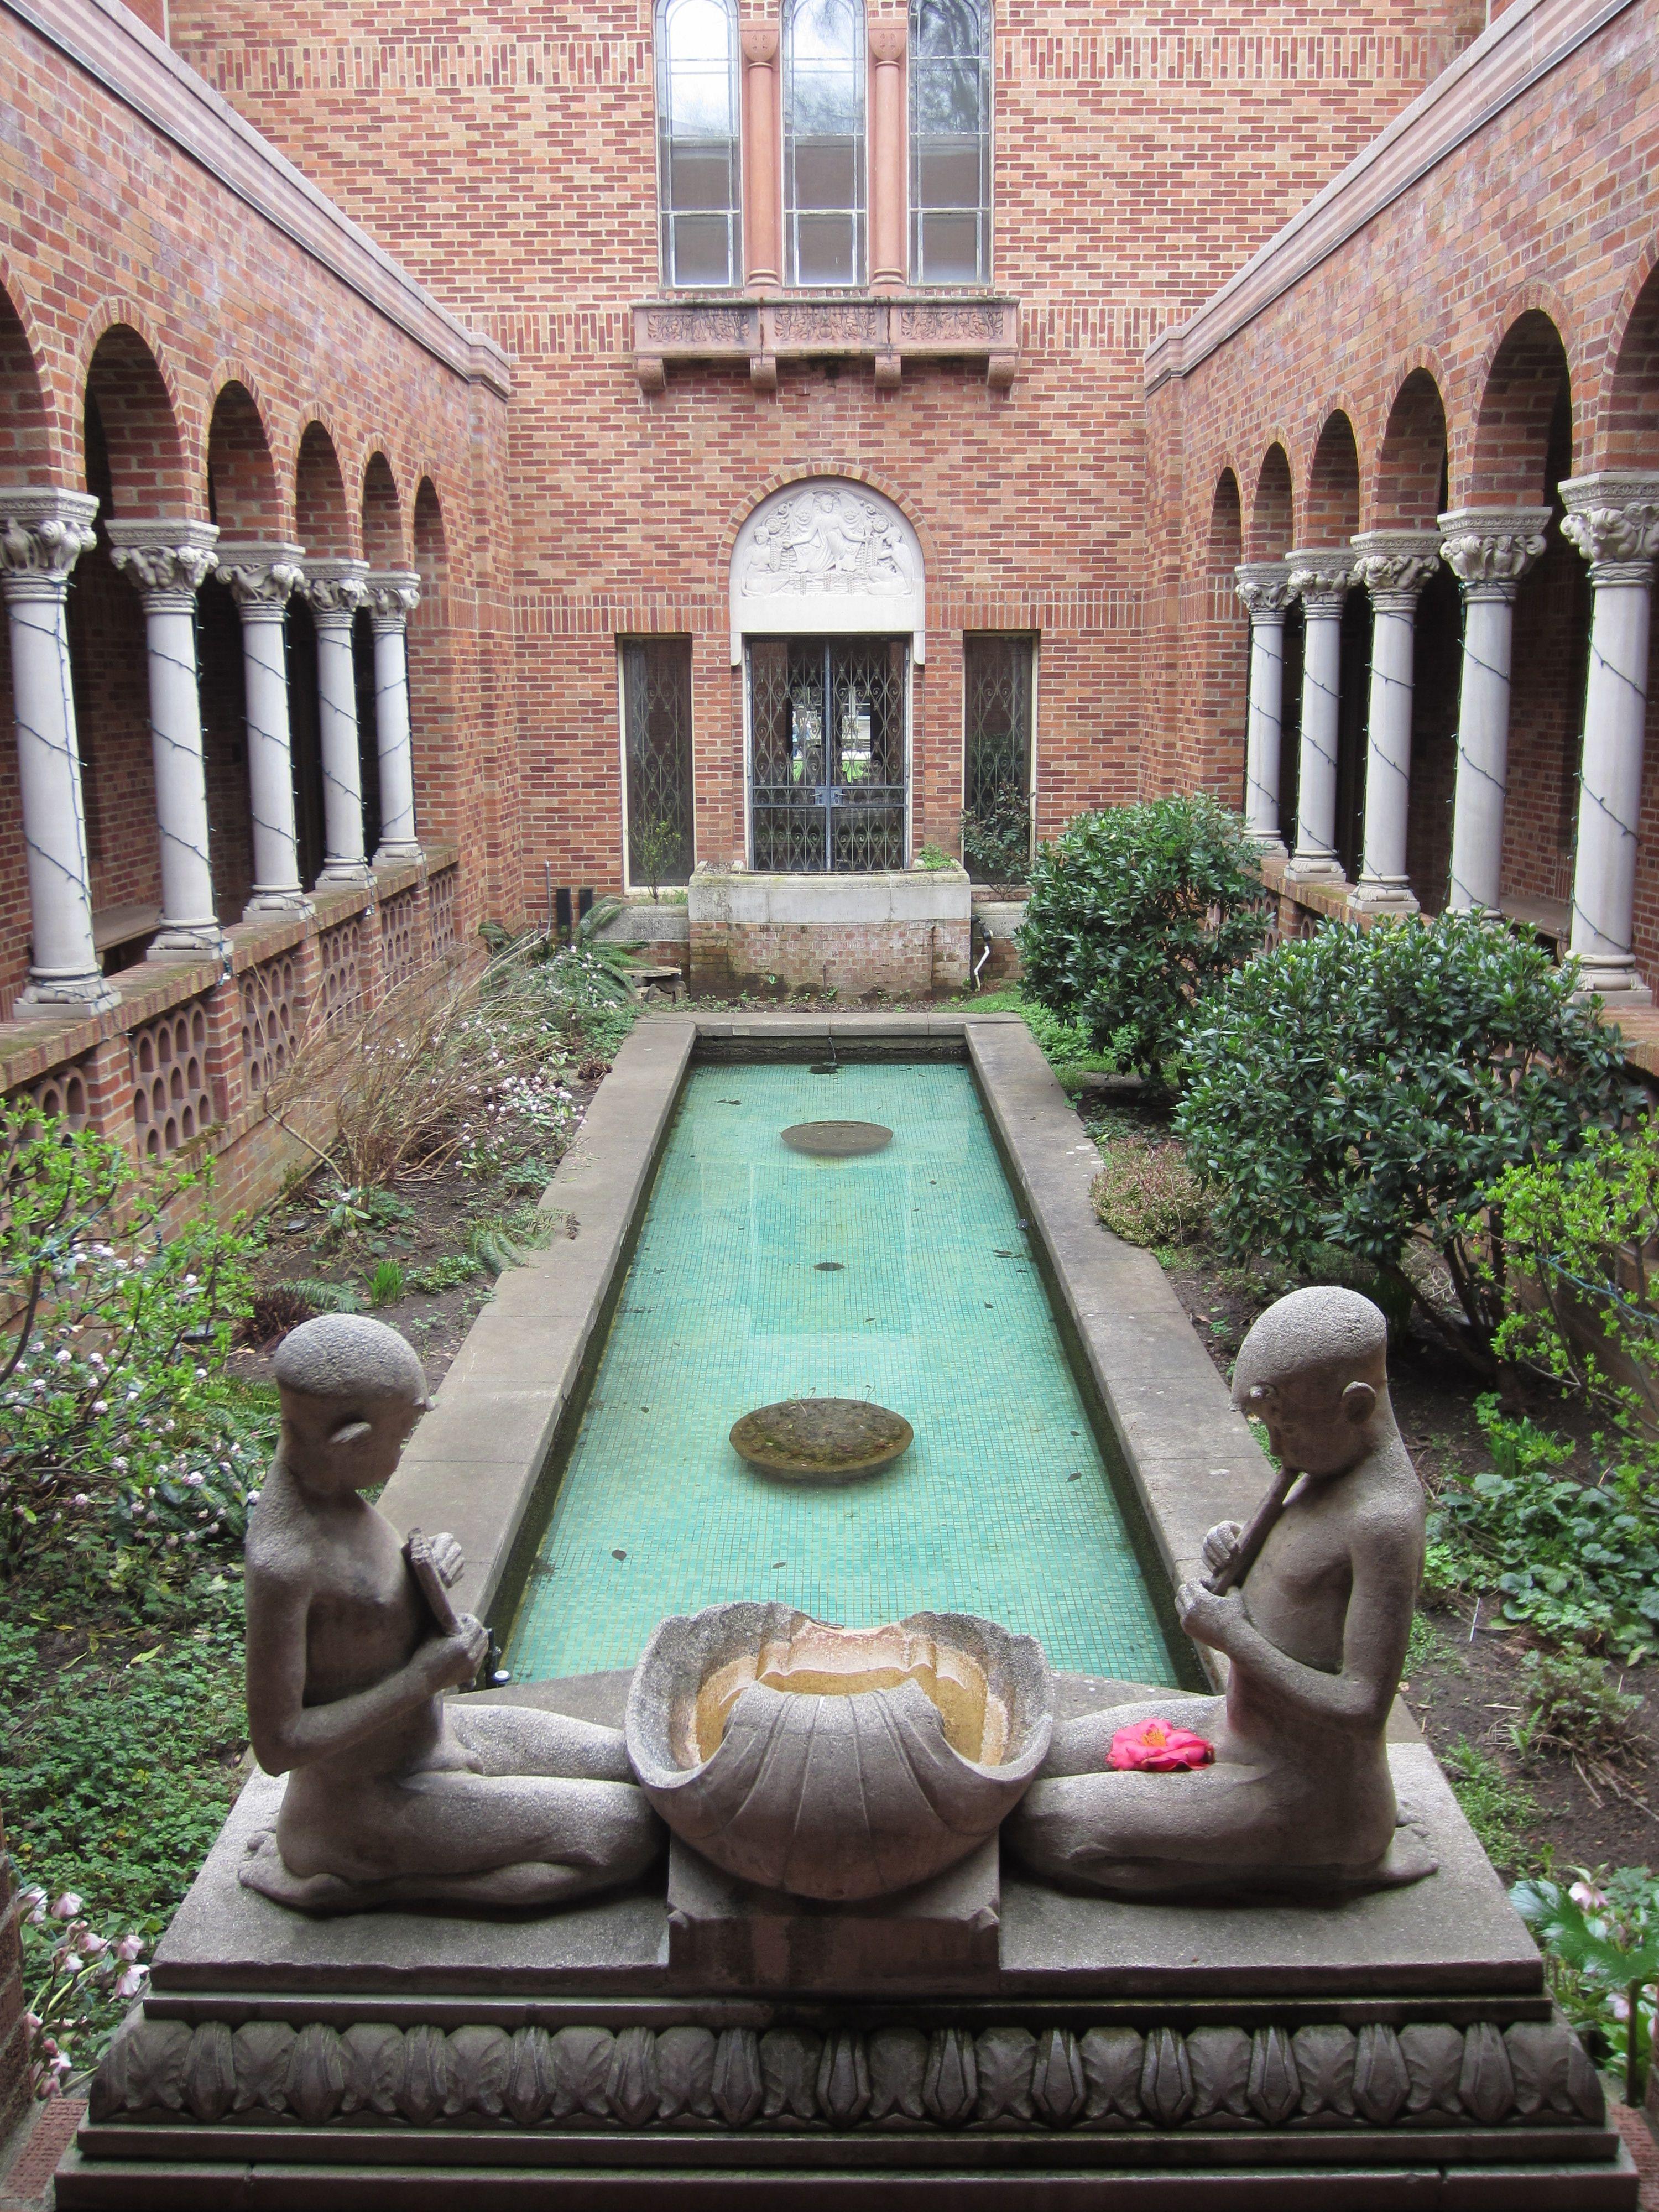 FileJordan Schnitzer Museum Of Art University Of Oregon - Jordan schnitzer museum